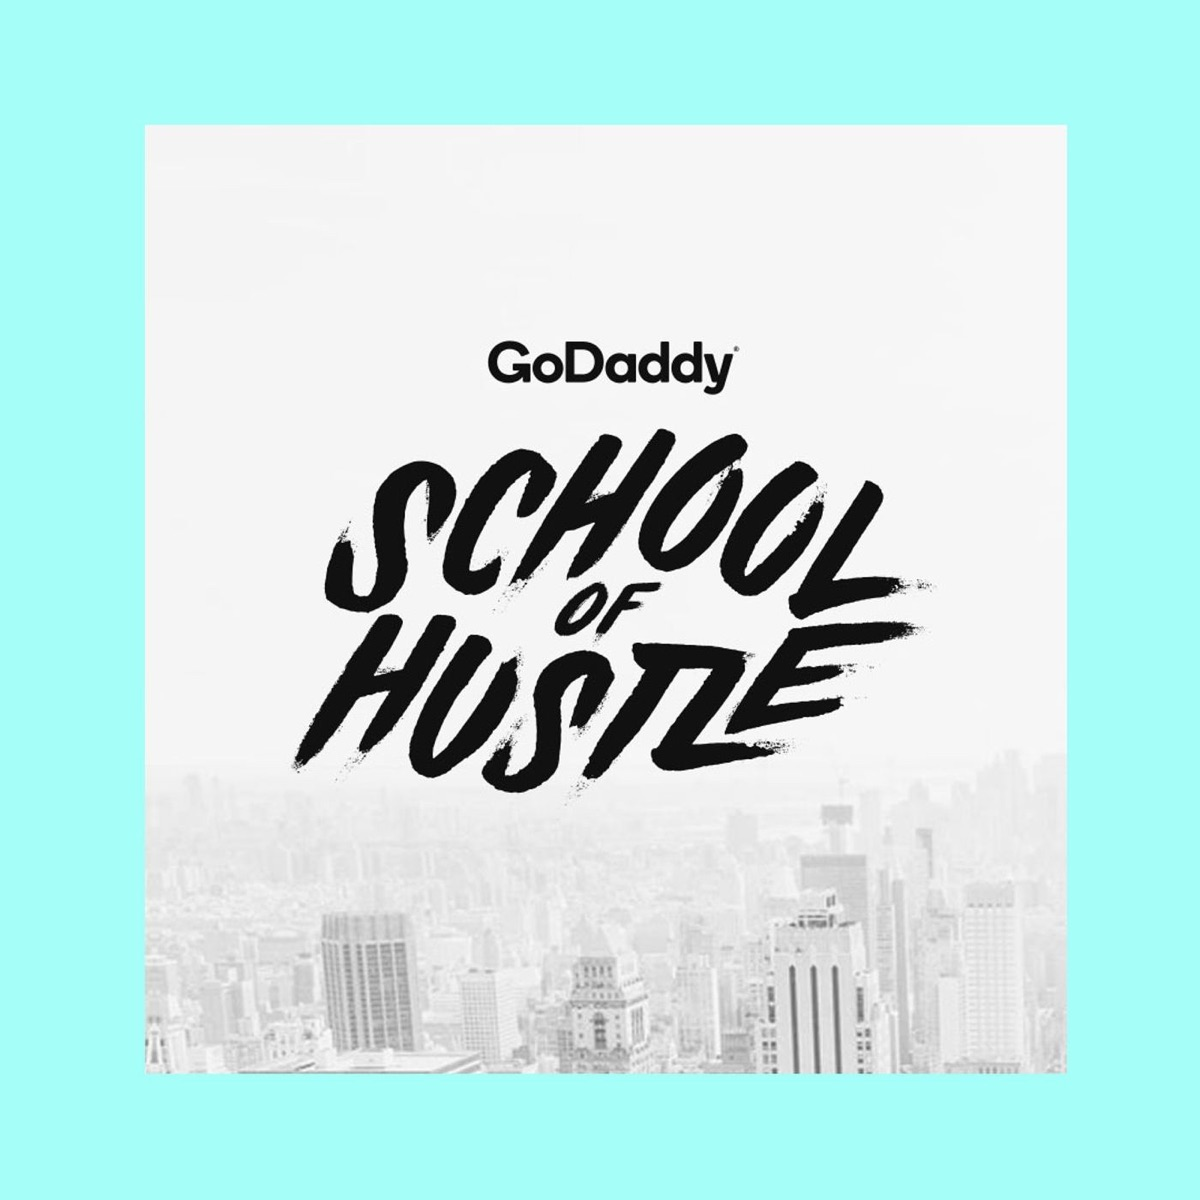 School of Hustle